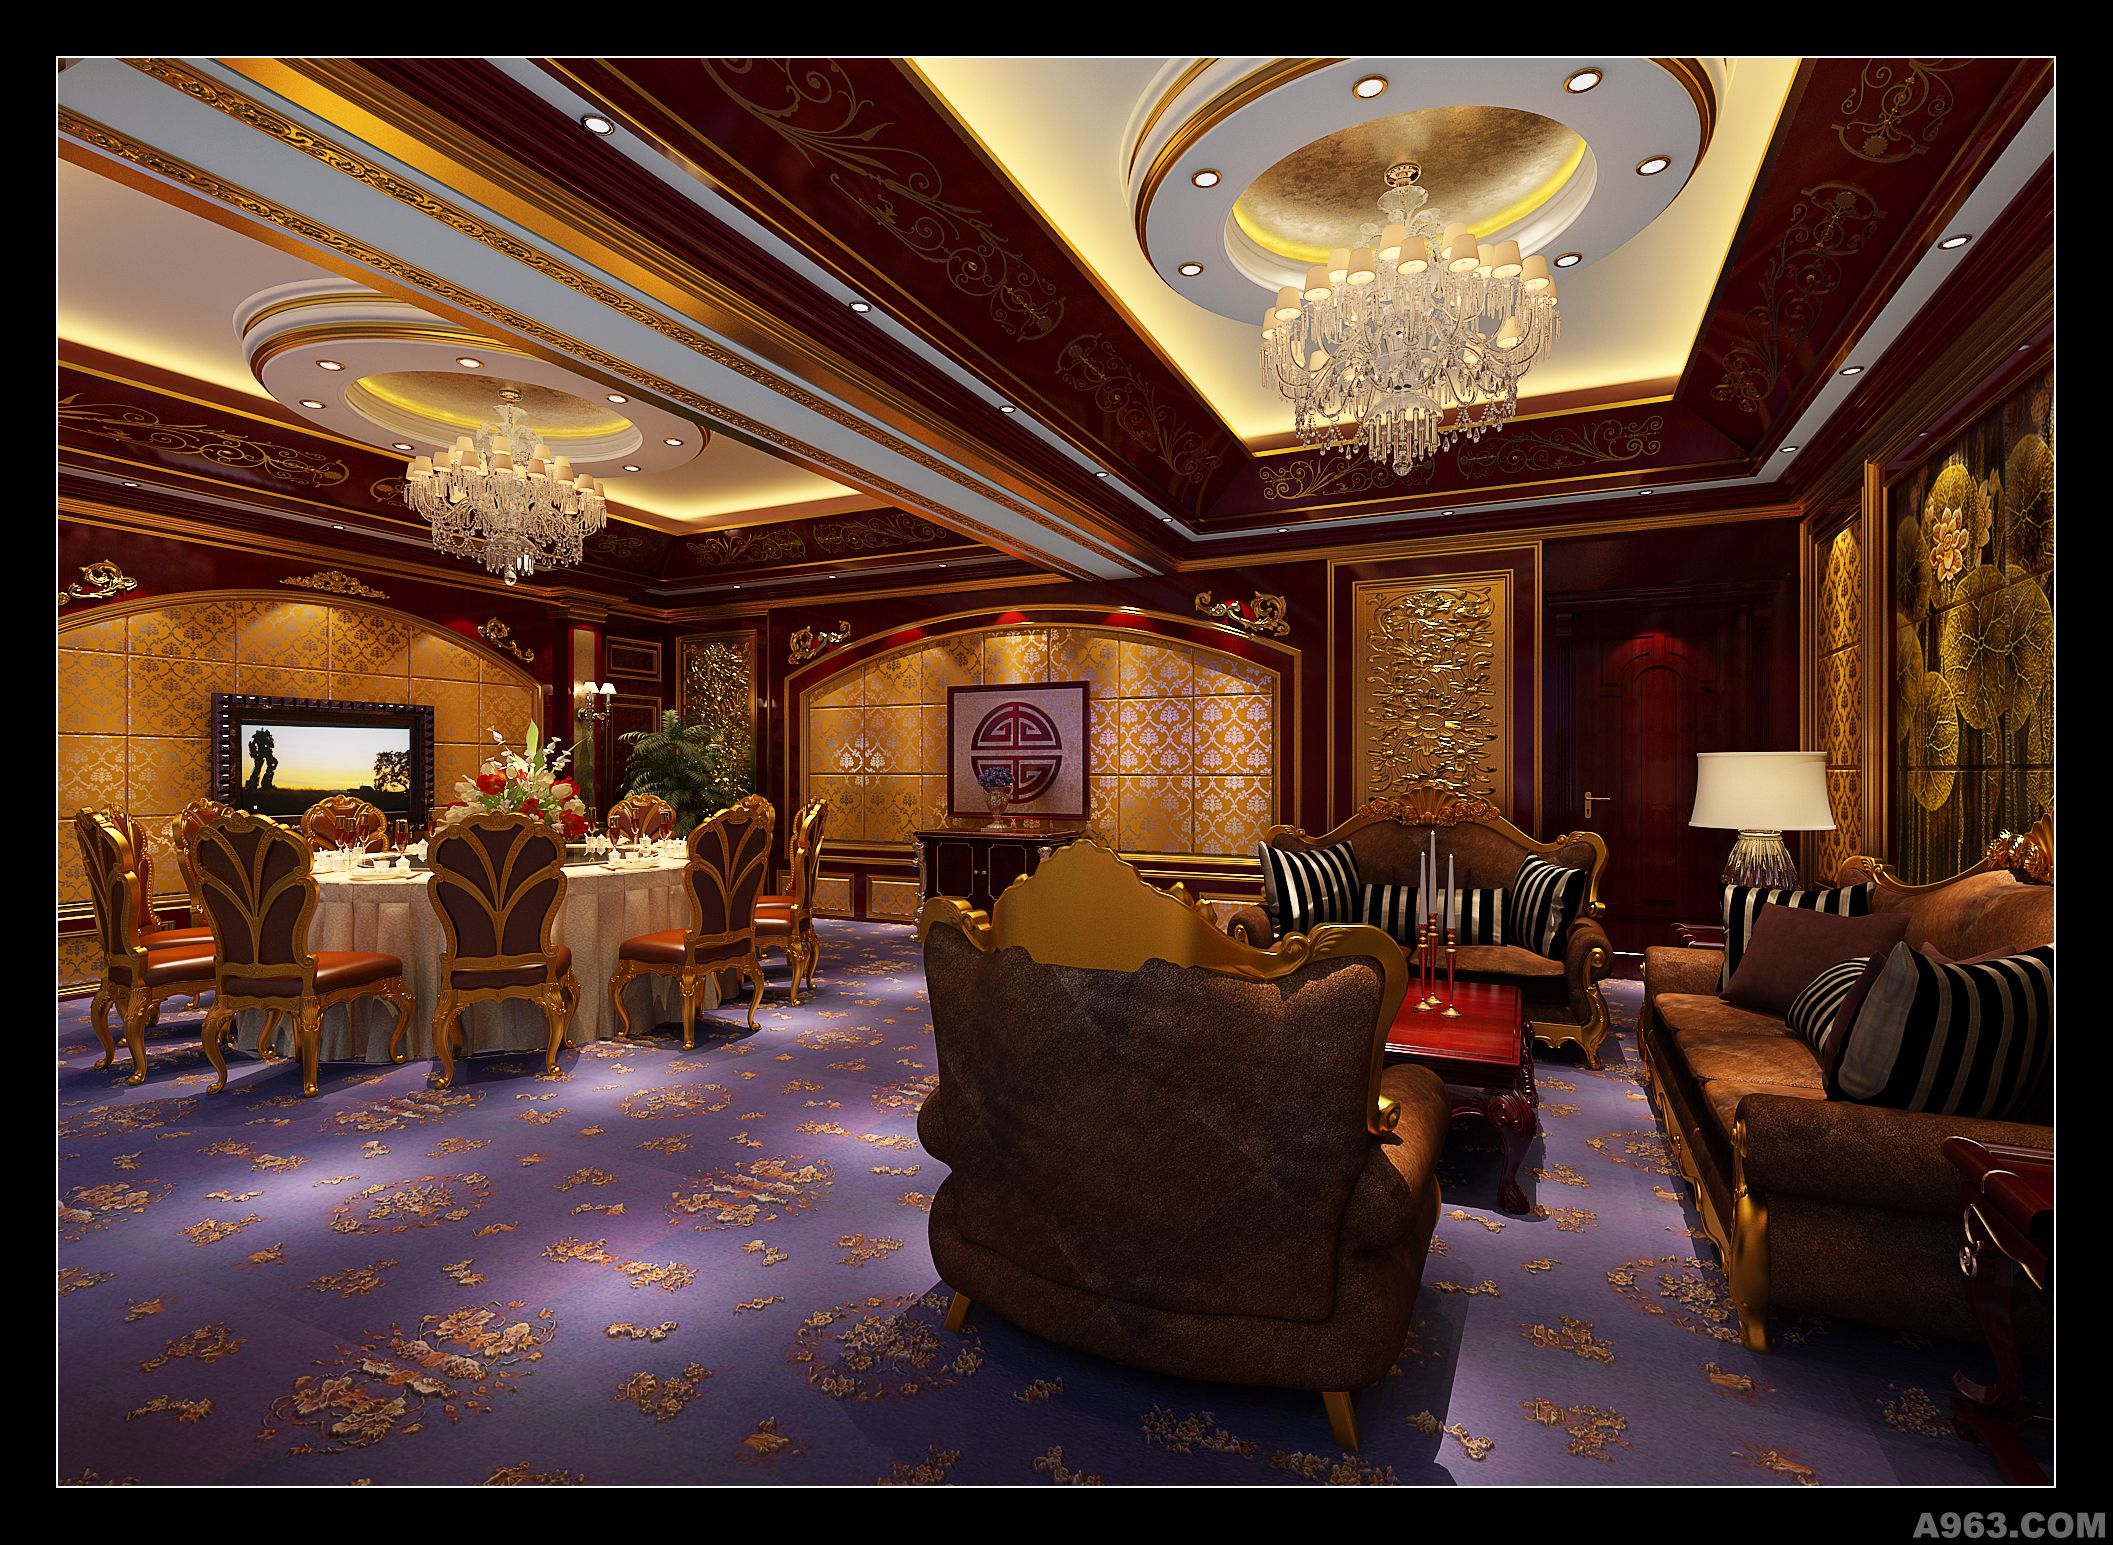 李擎精彩演绎欧式新古典主义别墅说明图片